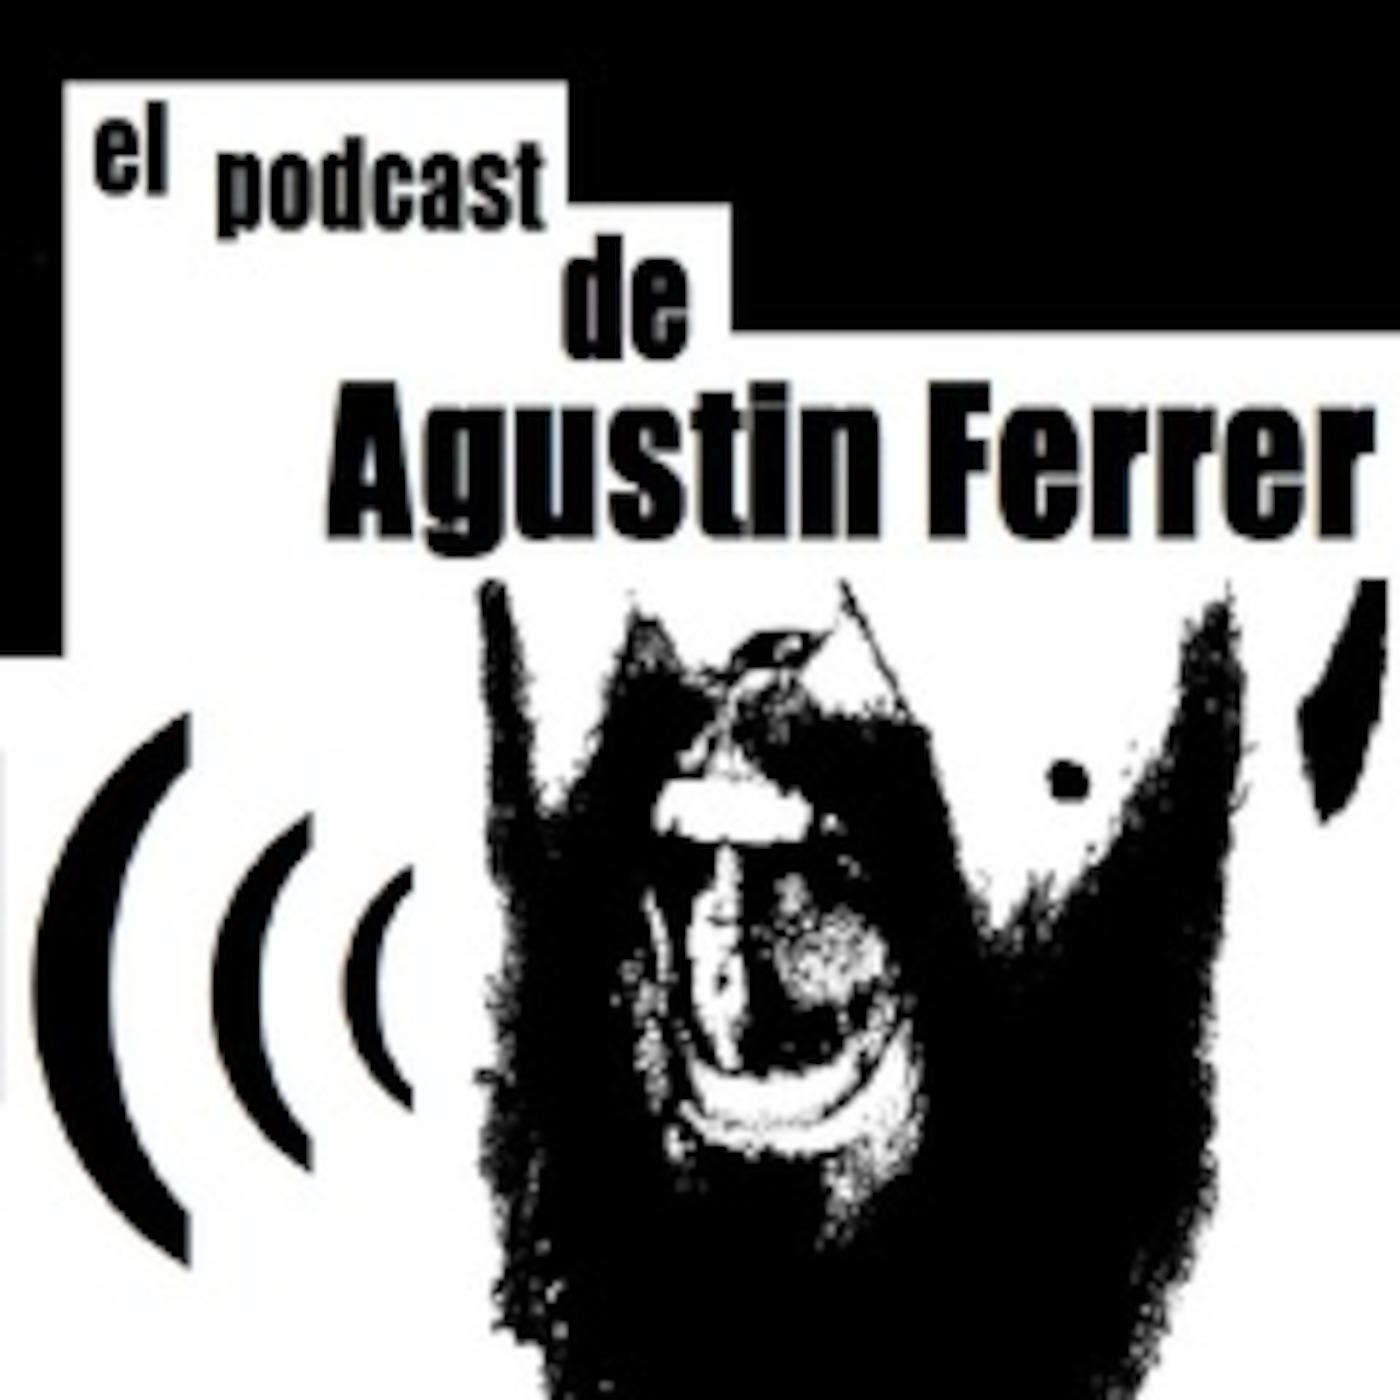 Agustin Ferrer's Podcast